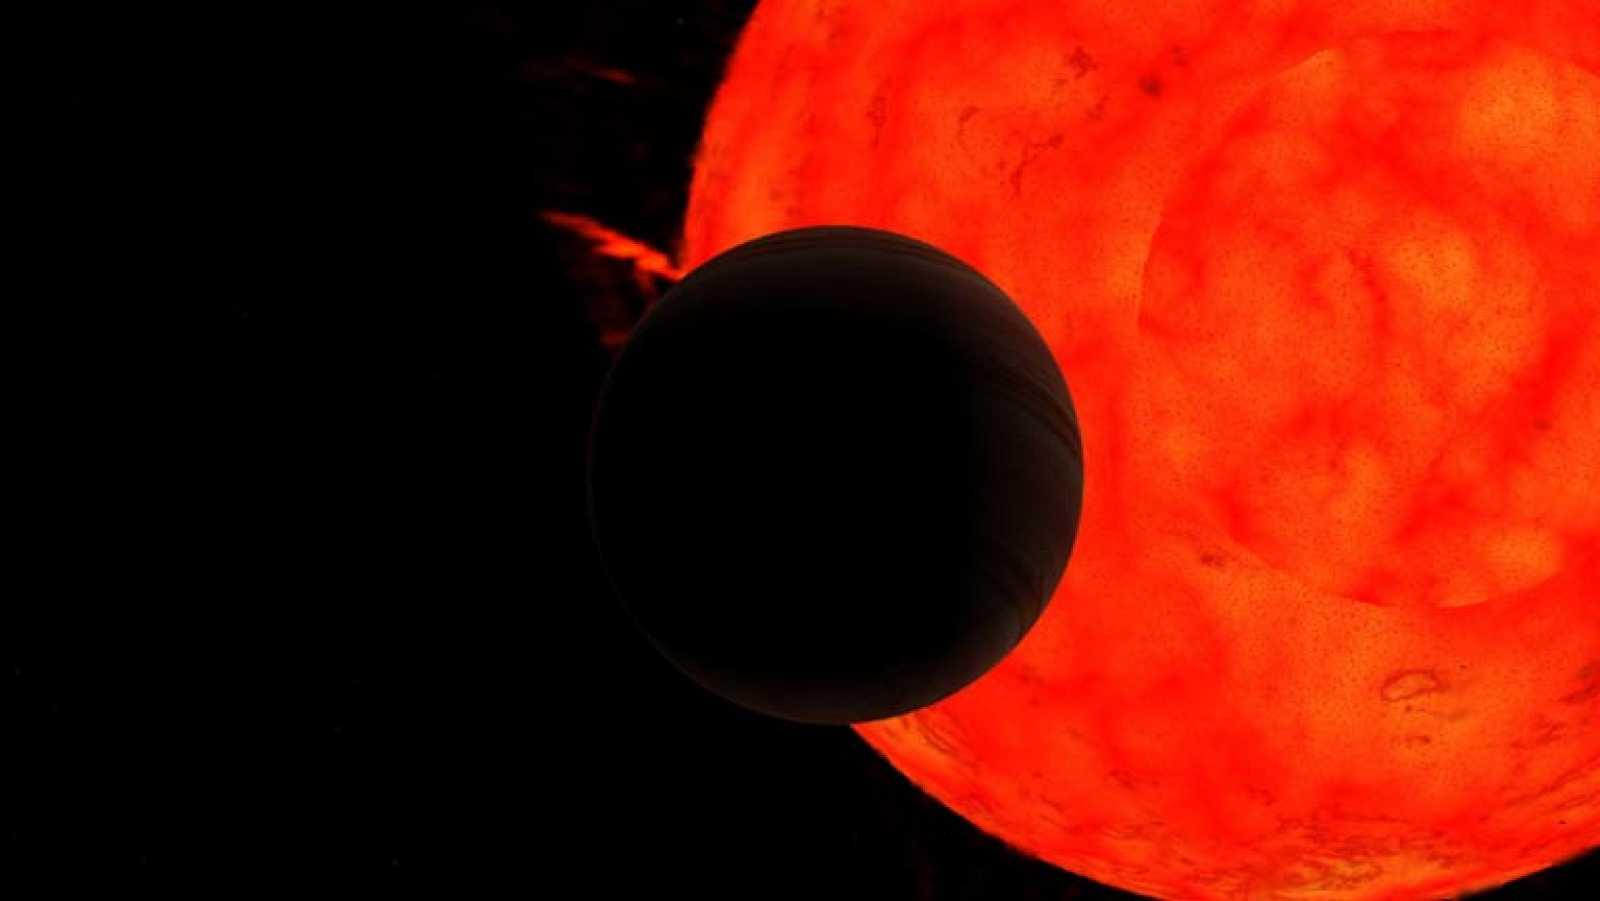 El sistema planetario formado por la estrella gigante roja y el extraplaneta Kepler-91b